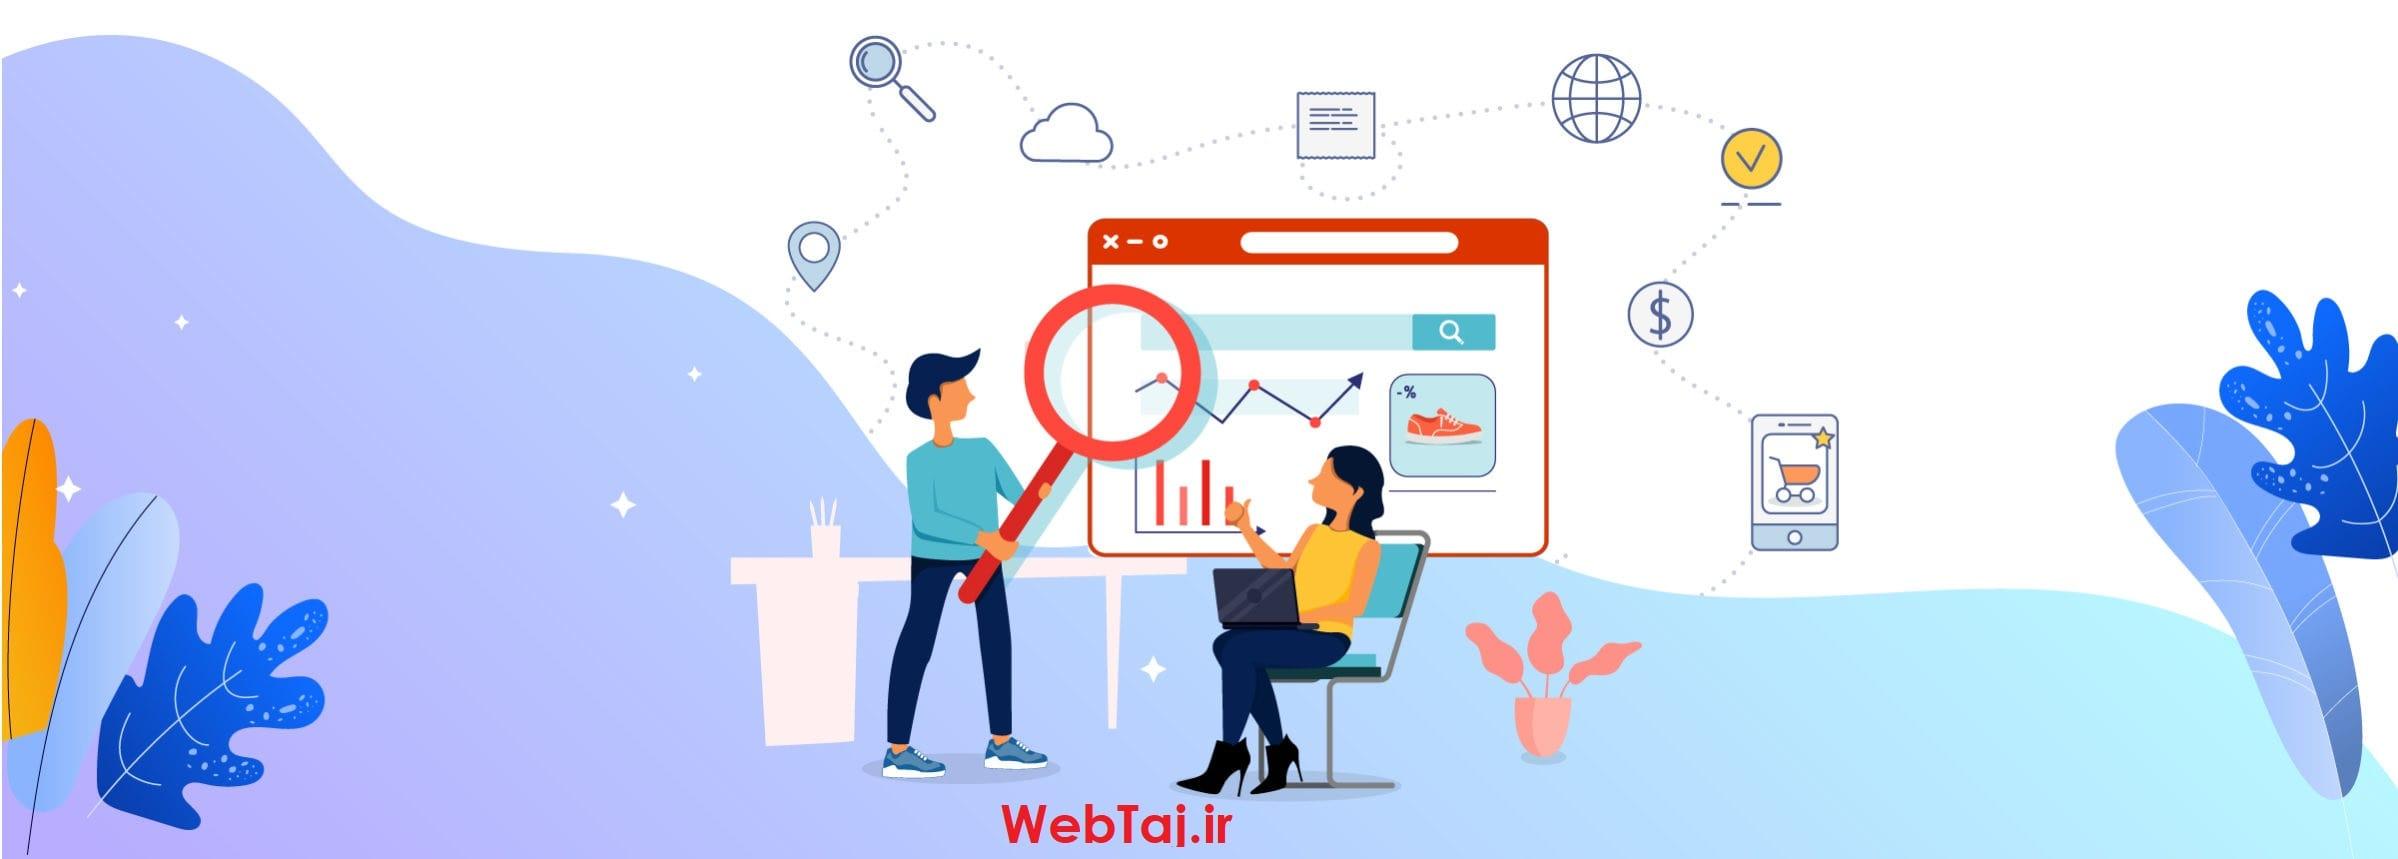 سئو ، بازاریابی اینترنتی ، طراحی سایت